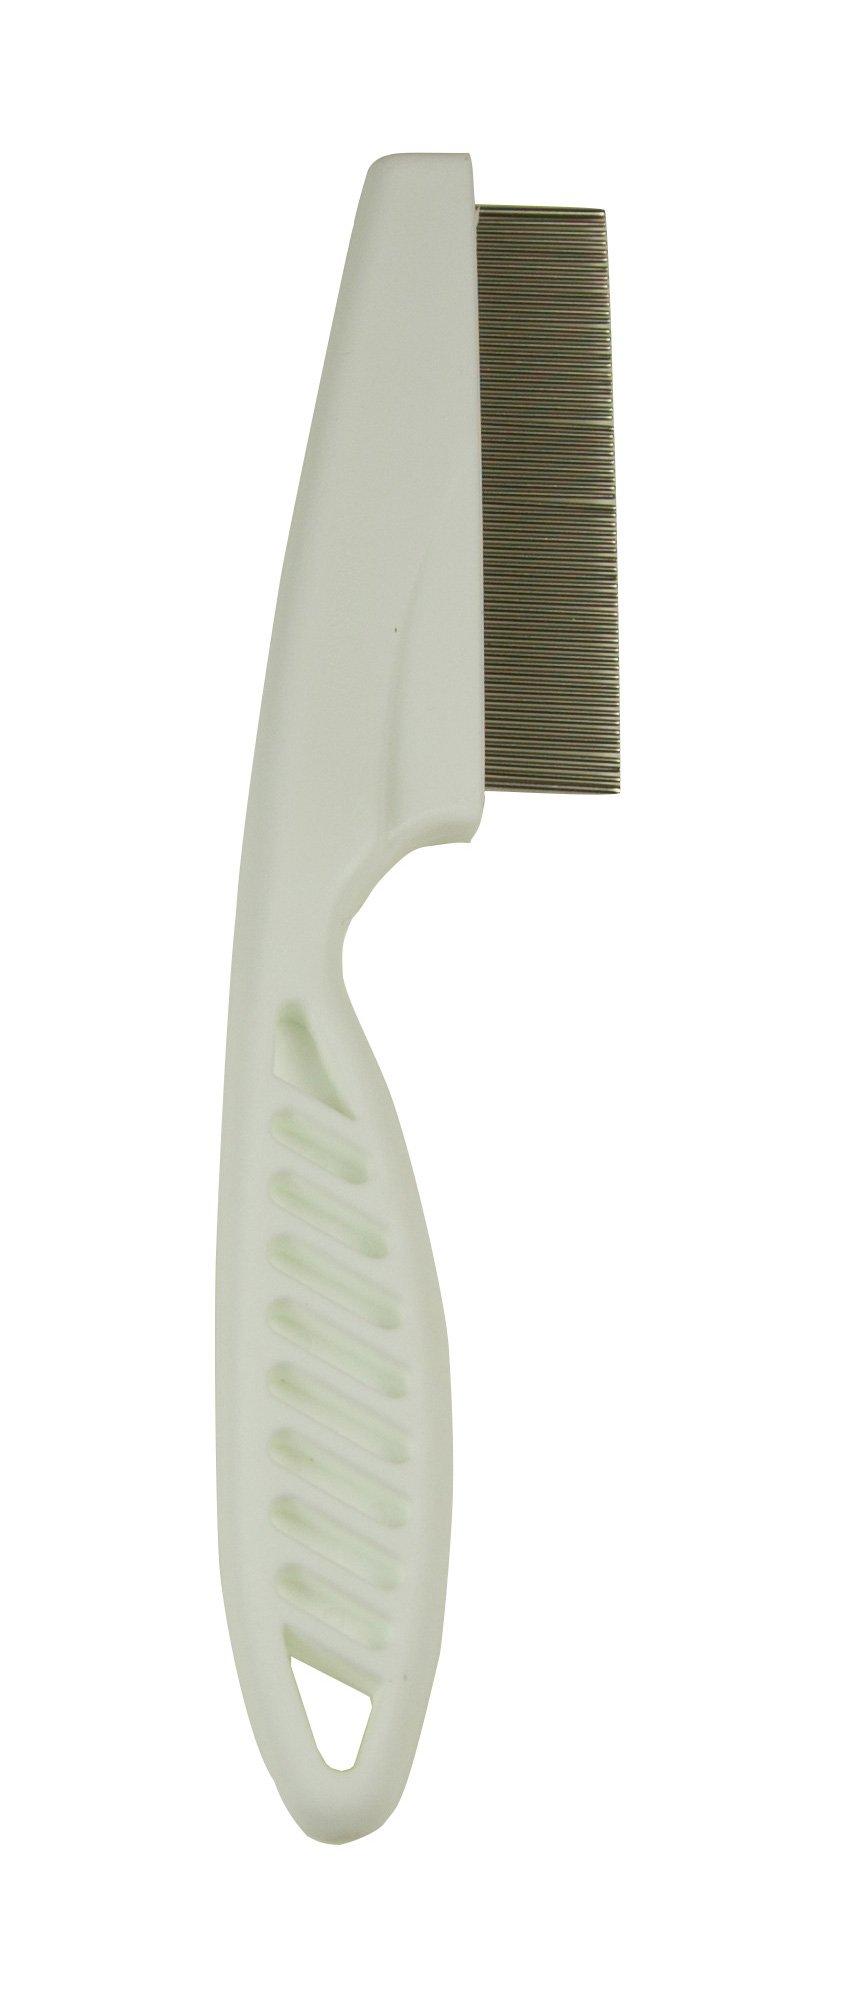 Petcessory Flea Comb, White, Small